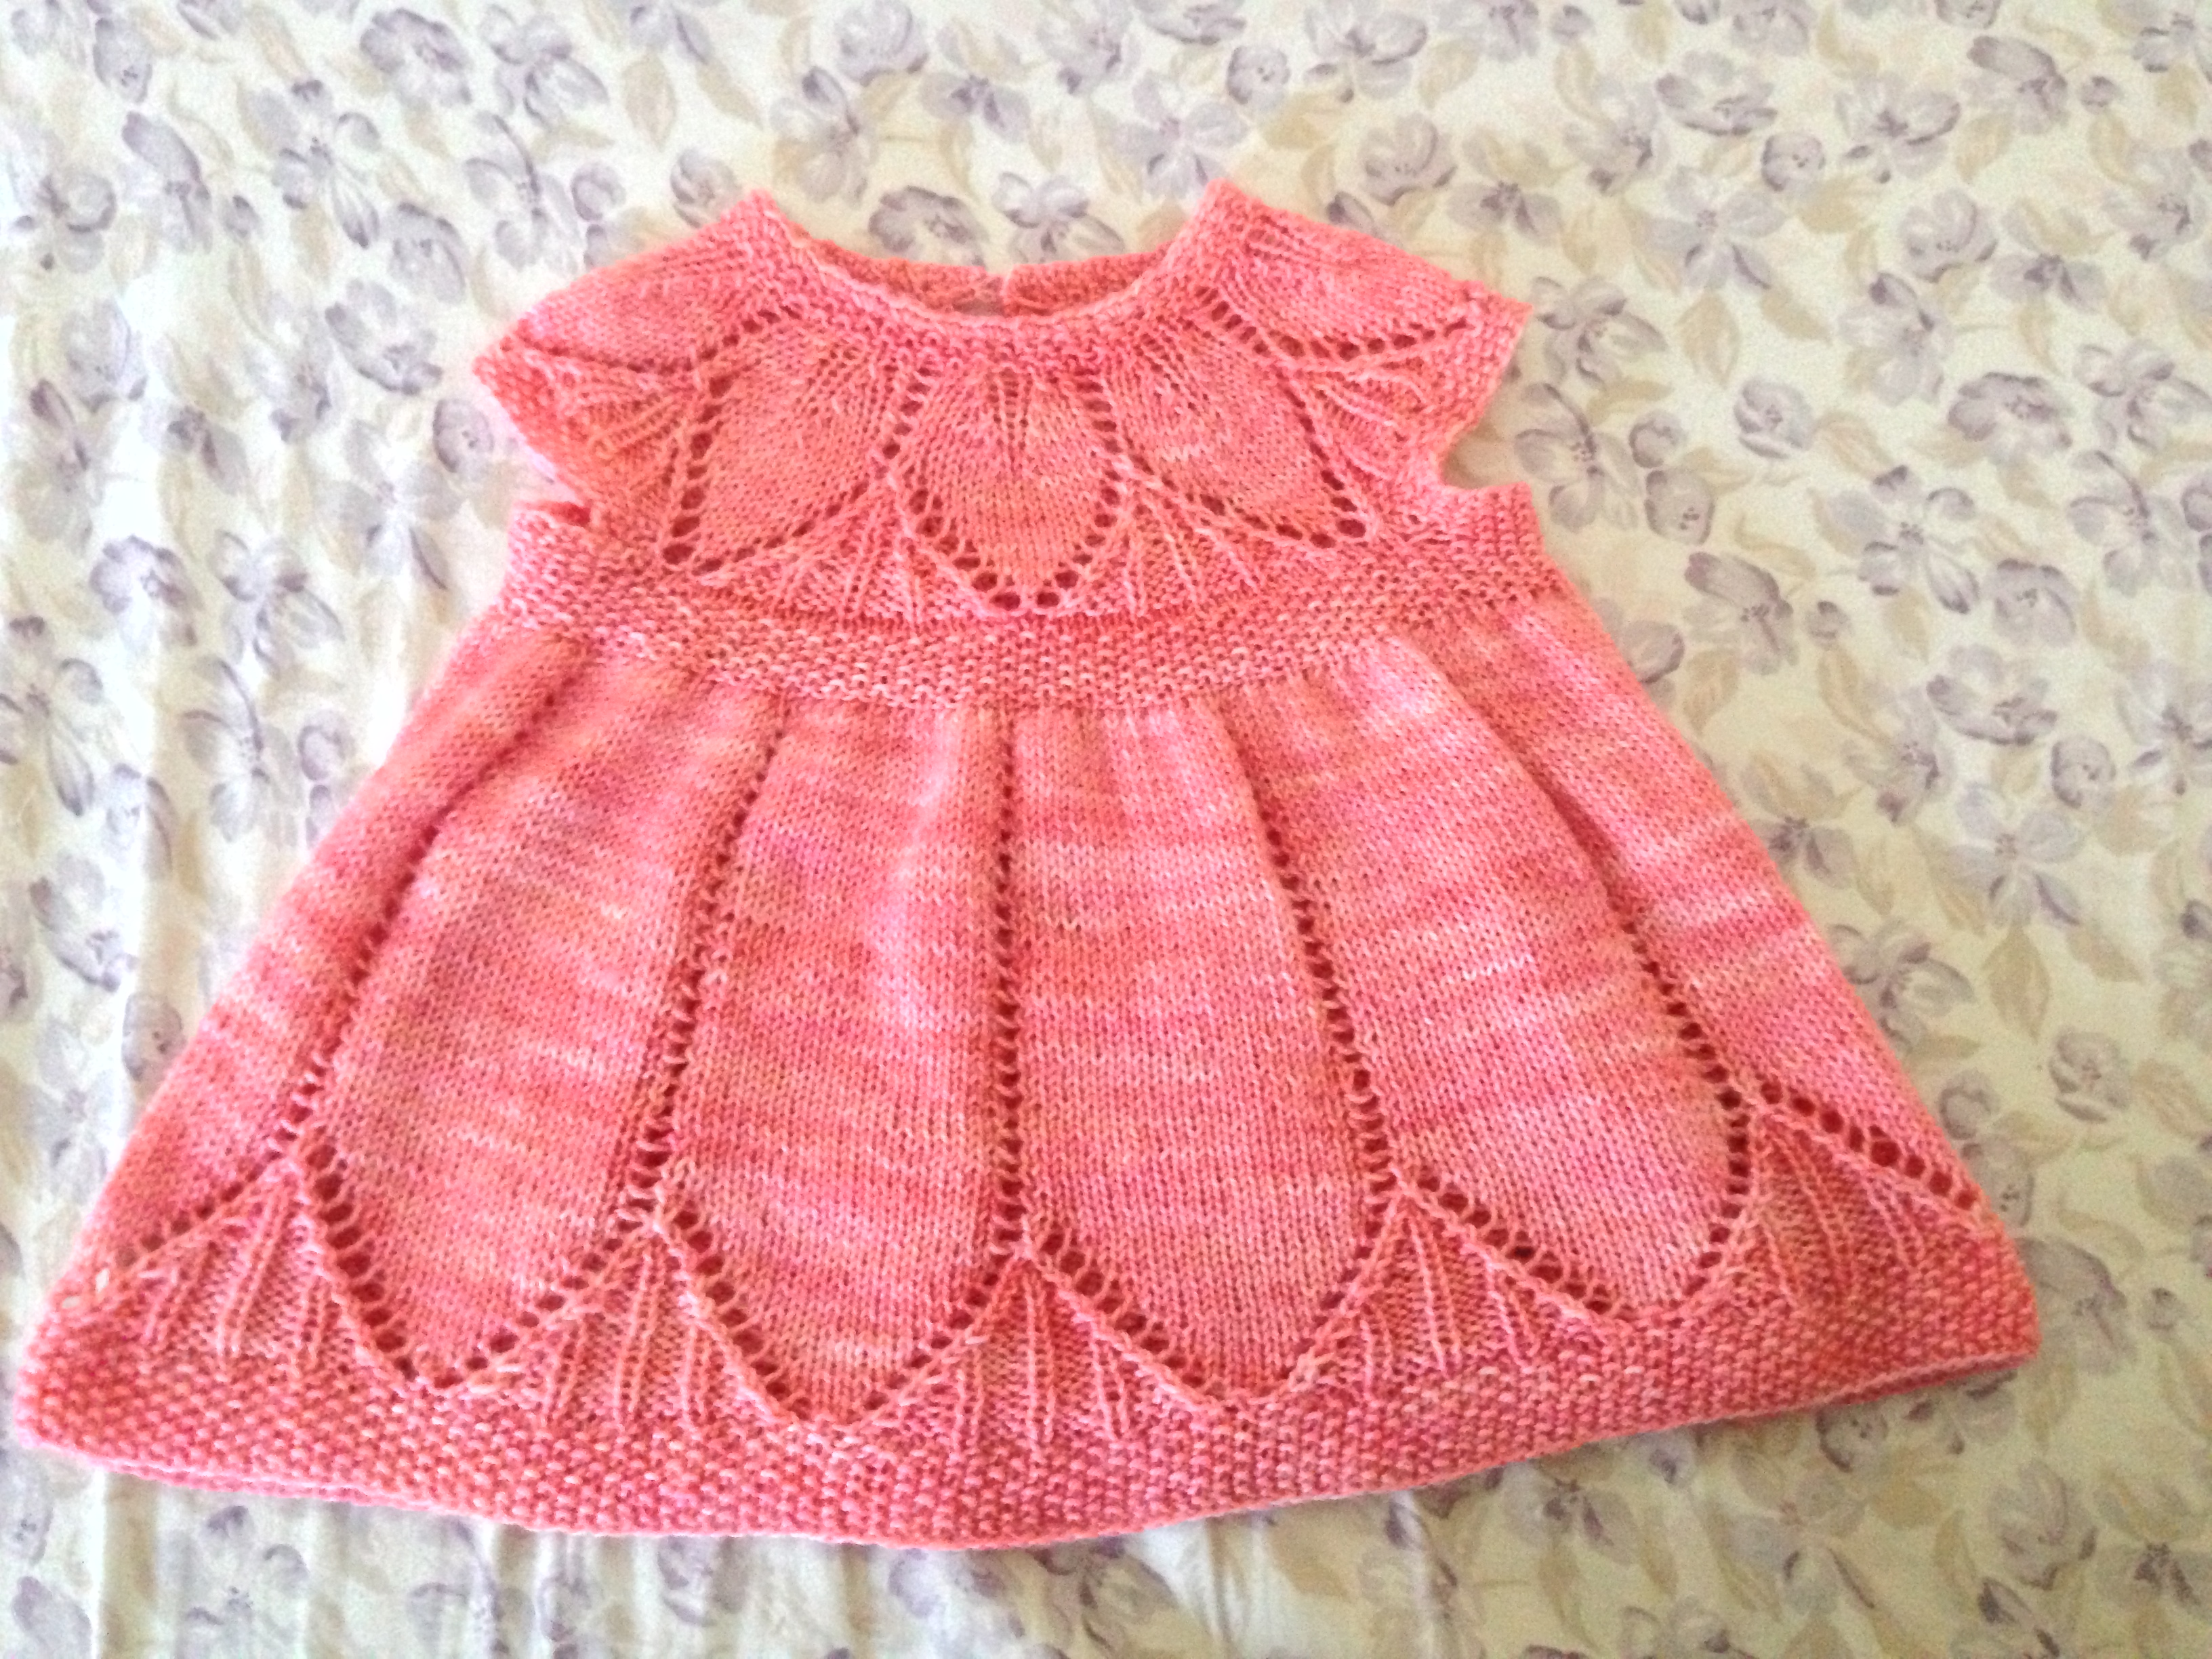 Bonito Baby Dress Free Knitting Pattern Fotos - Manta de Tejer ...